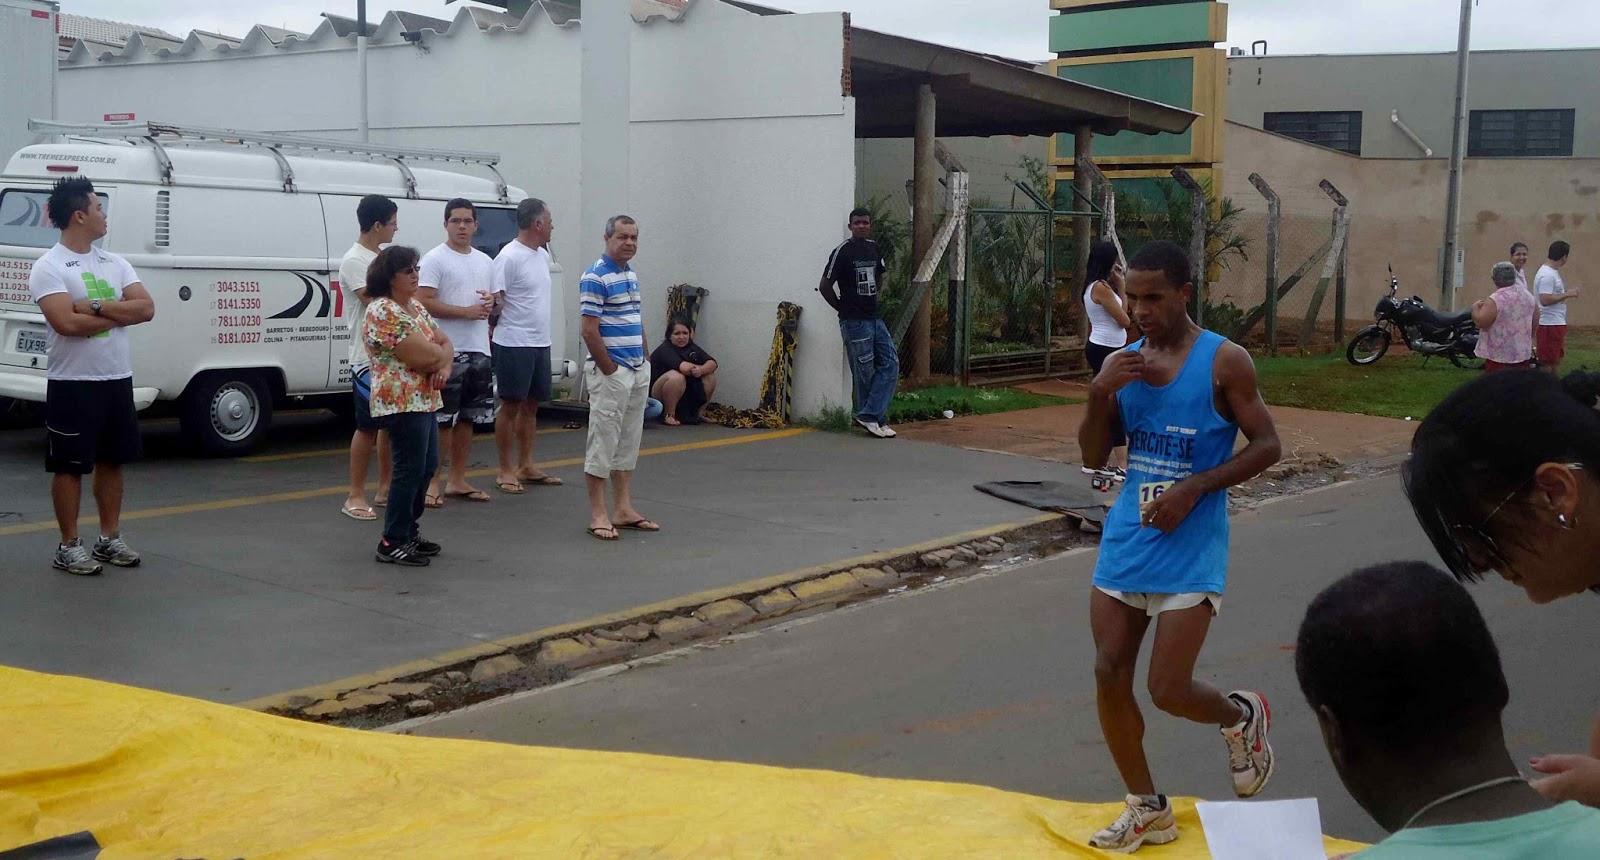 Foto 76 da 1ª Corrida Av. dos Coqueiros em Barretos-SP 14/04/2013 – Atletas cruzando a linha de chegada